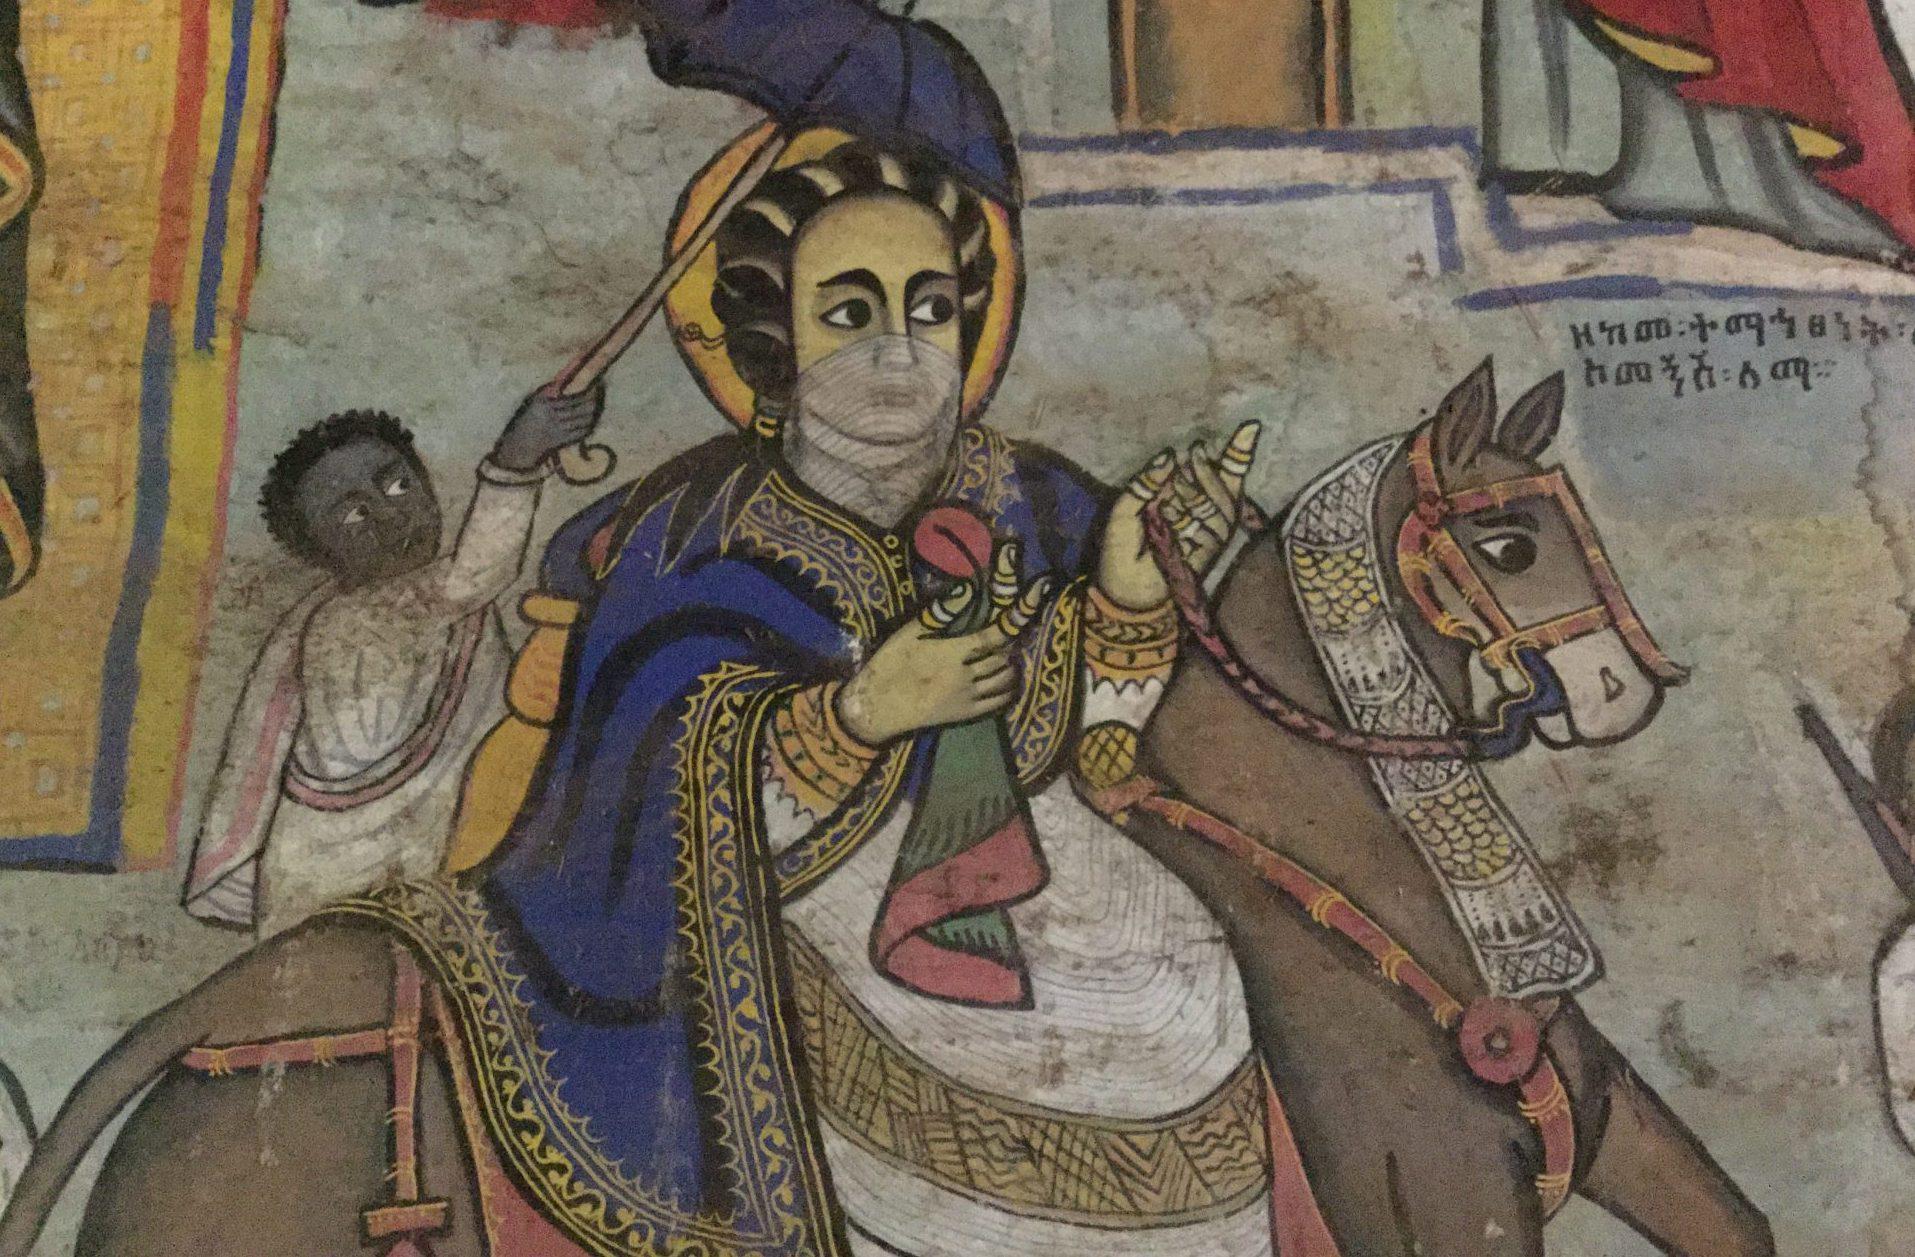 Yémen - Dans la tradition éthiopienne, la reine de Saba se convertit au Dieu d'Israël et eut de Salomon un fils, Ménélik Ier, fondateur de la dynastie des Négus.